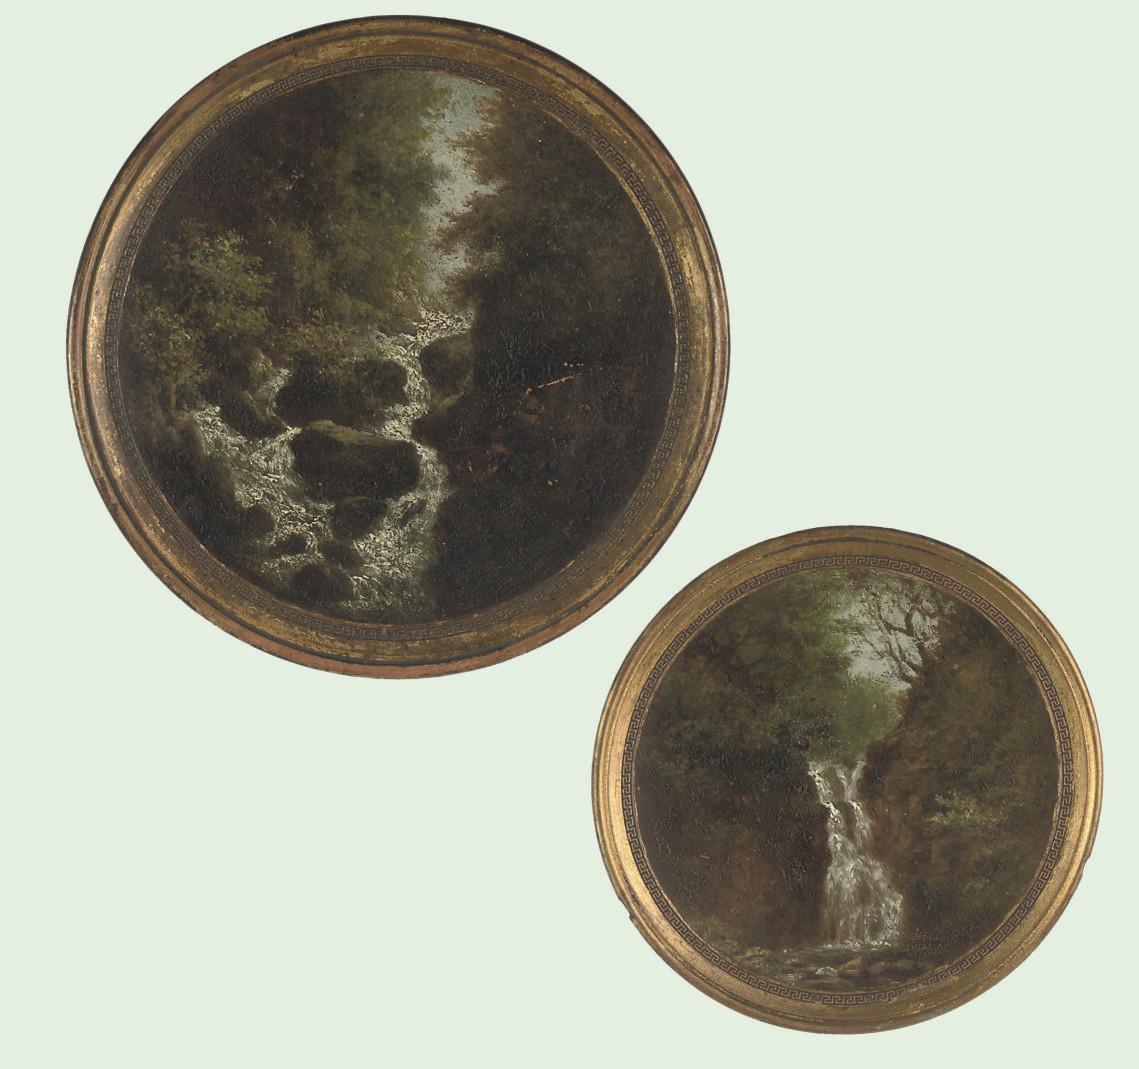 W.W. GILL (BRITISH, CIRCA 1880